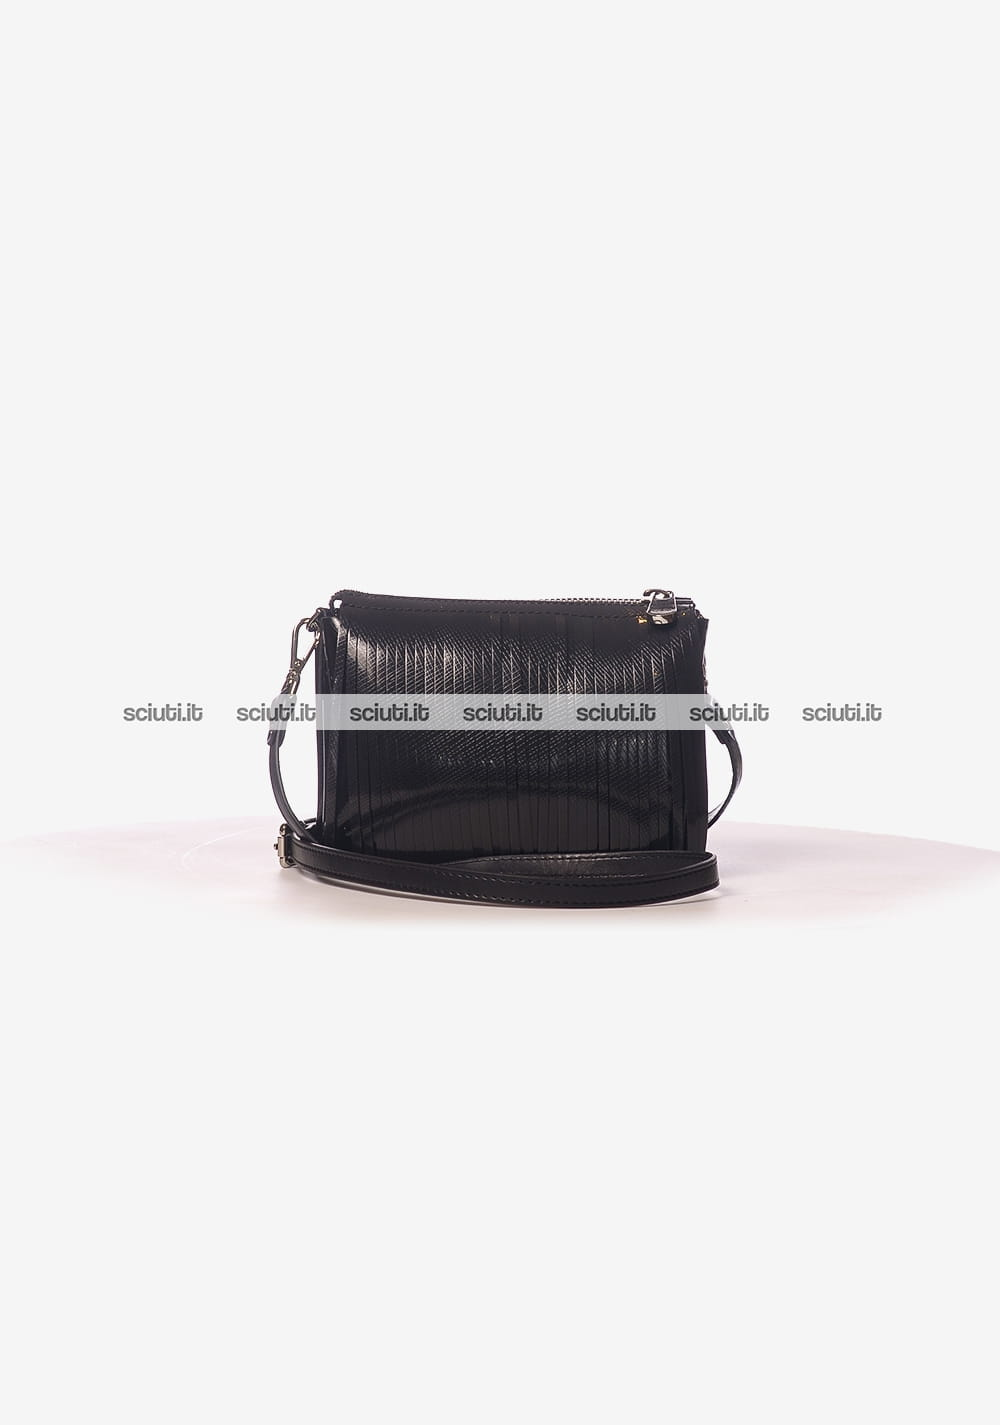 214d3e02df Borsa tracolla Gum donna frangia glossy nero | Sciuti.it